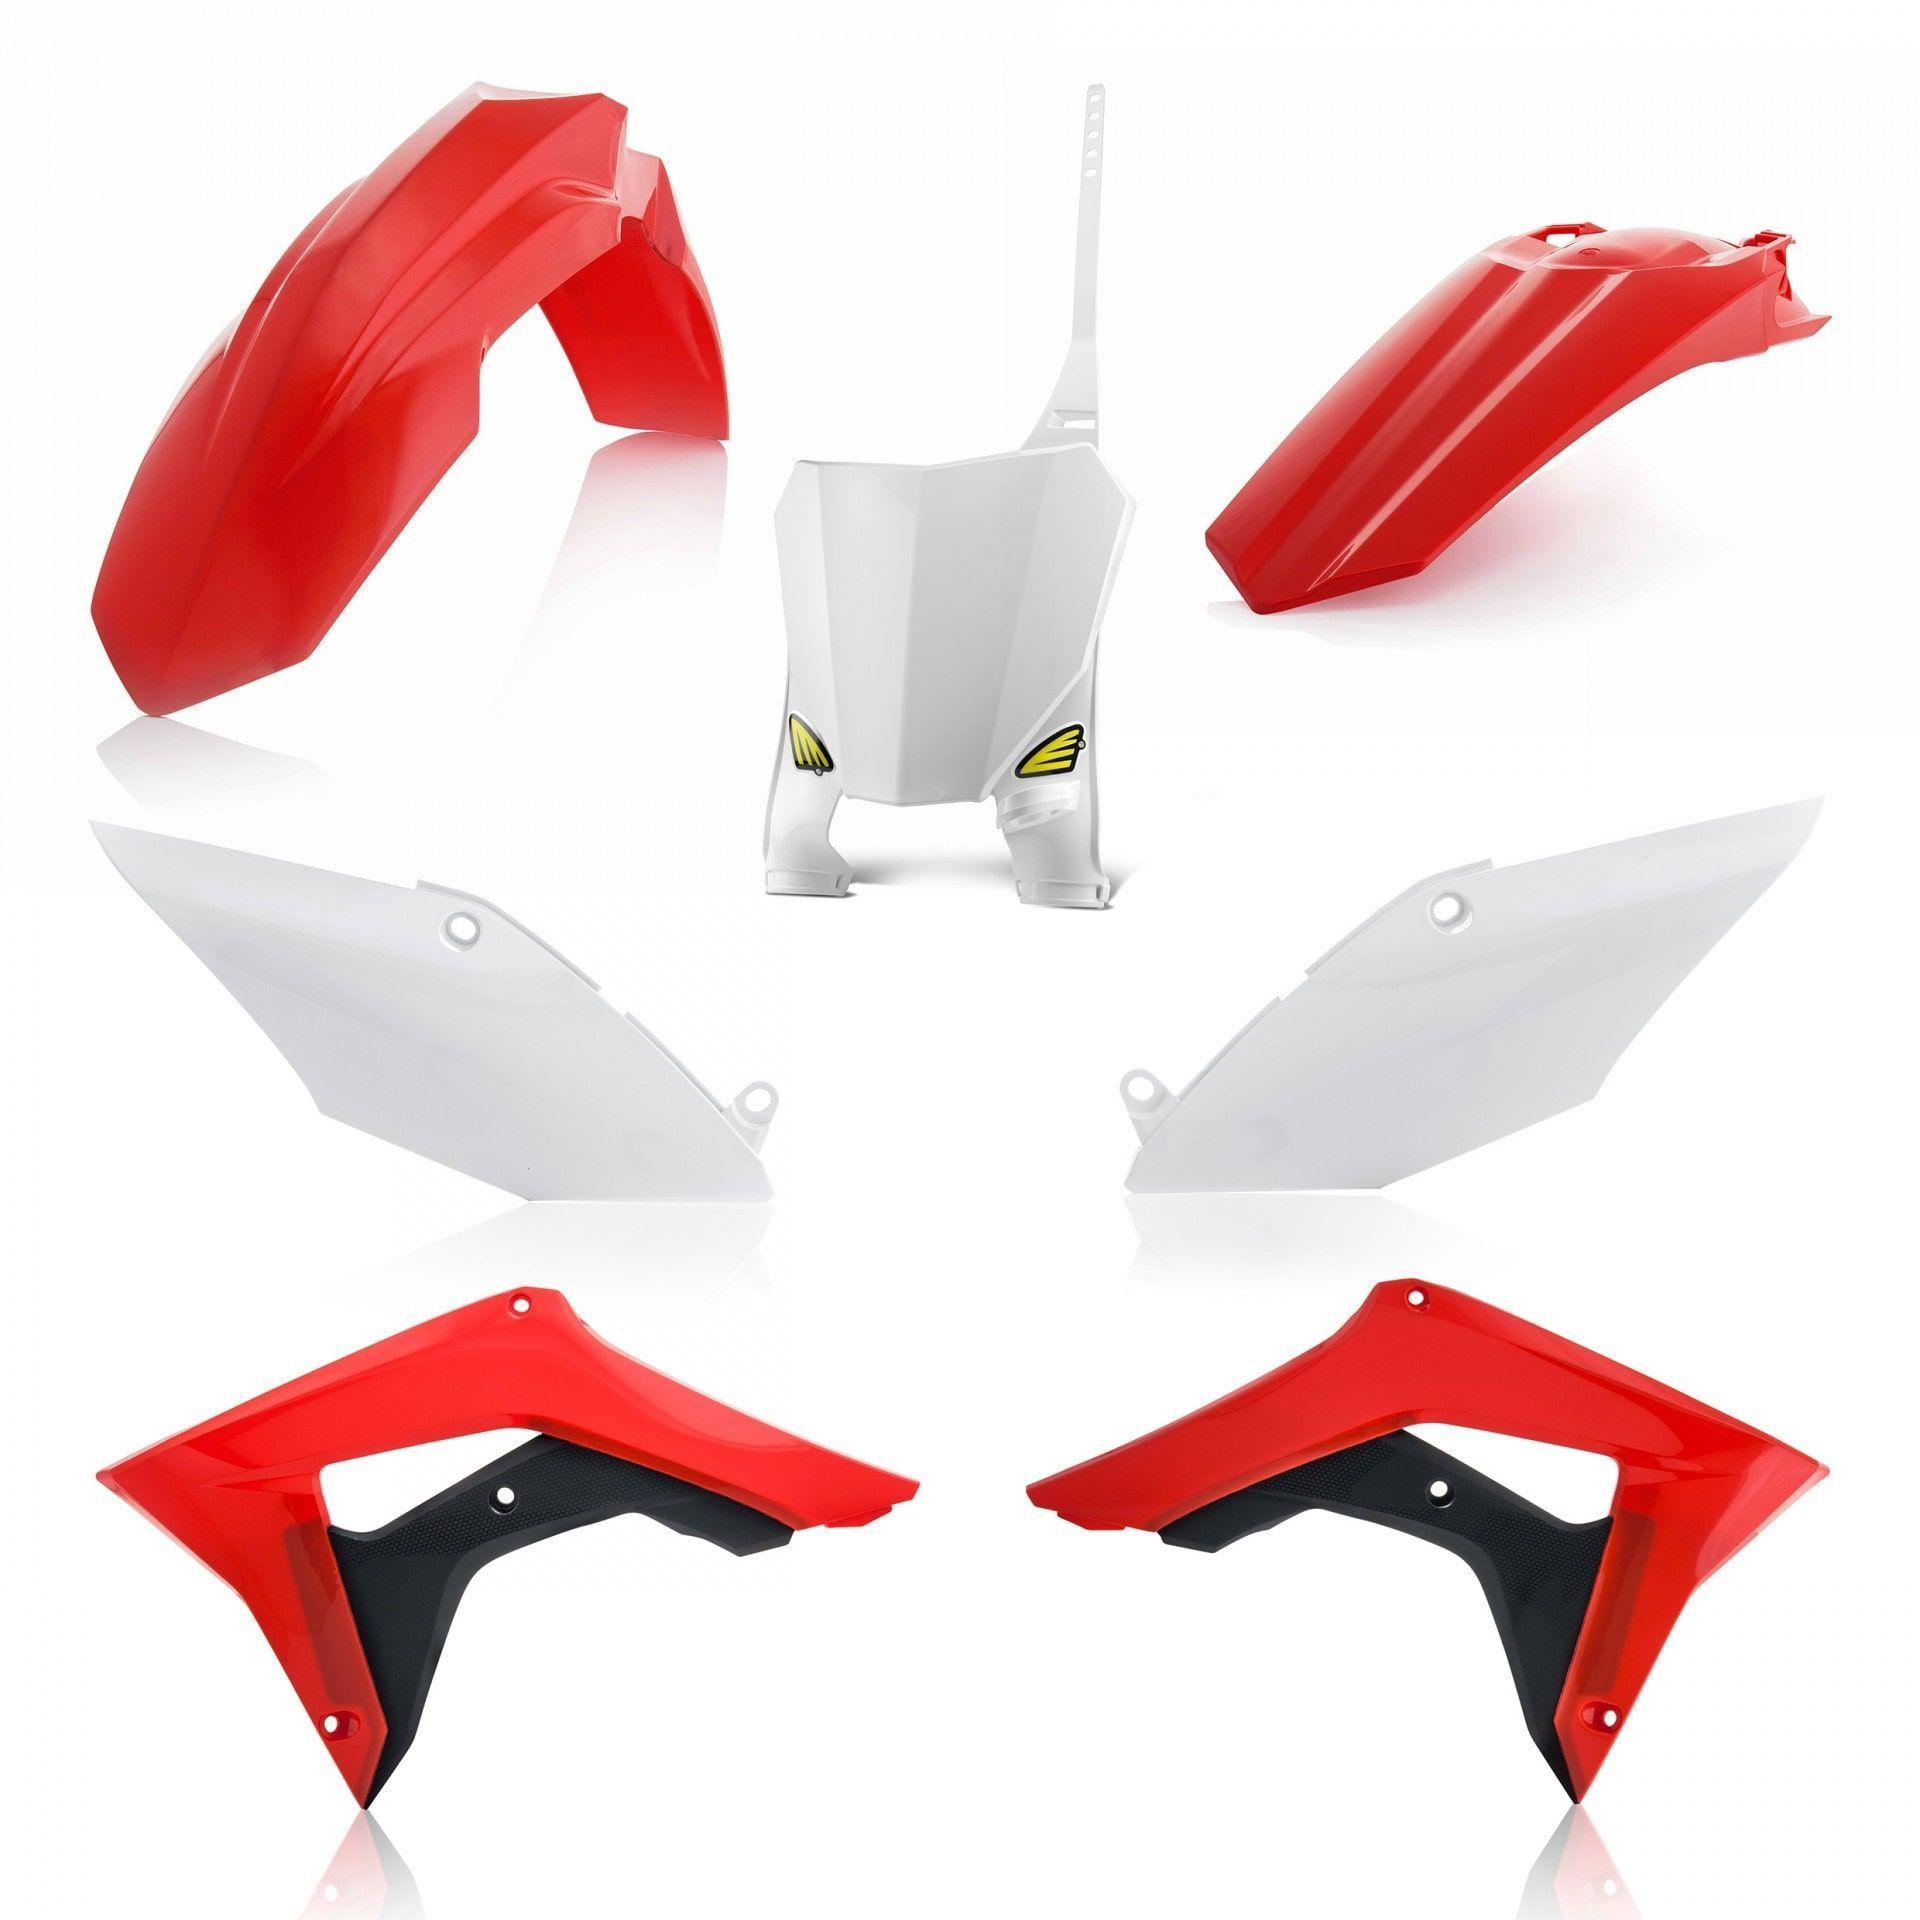 Kunststoff-Kits